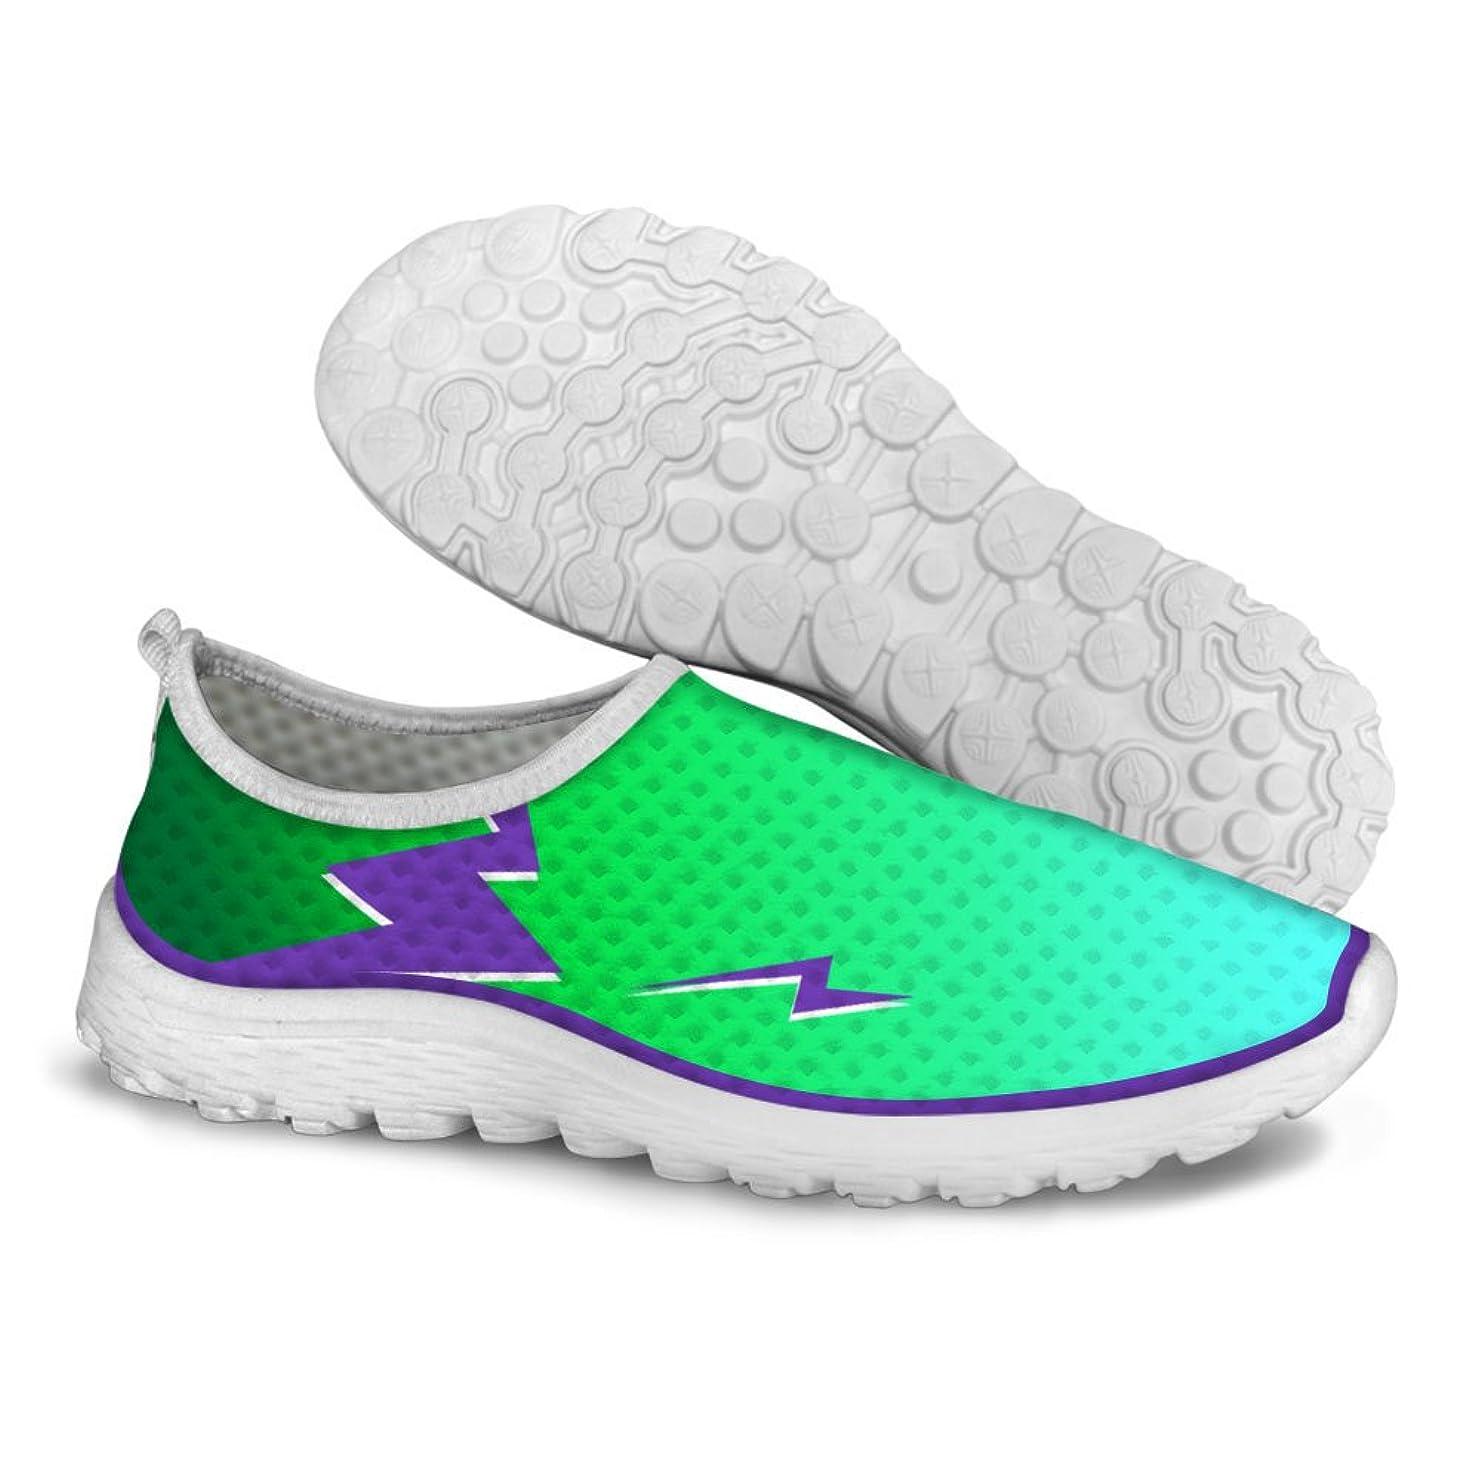 文明化に付ける興奮するFor U Designsクール女性用通気性メッシュアスレチックスニーカーランニング靴